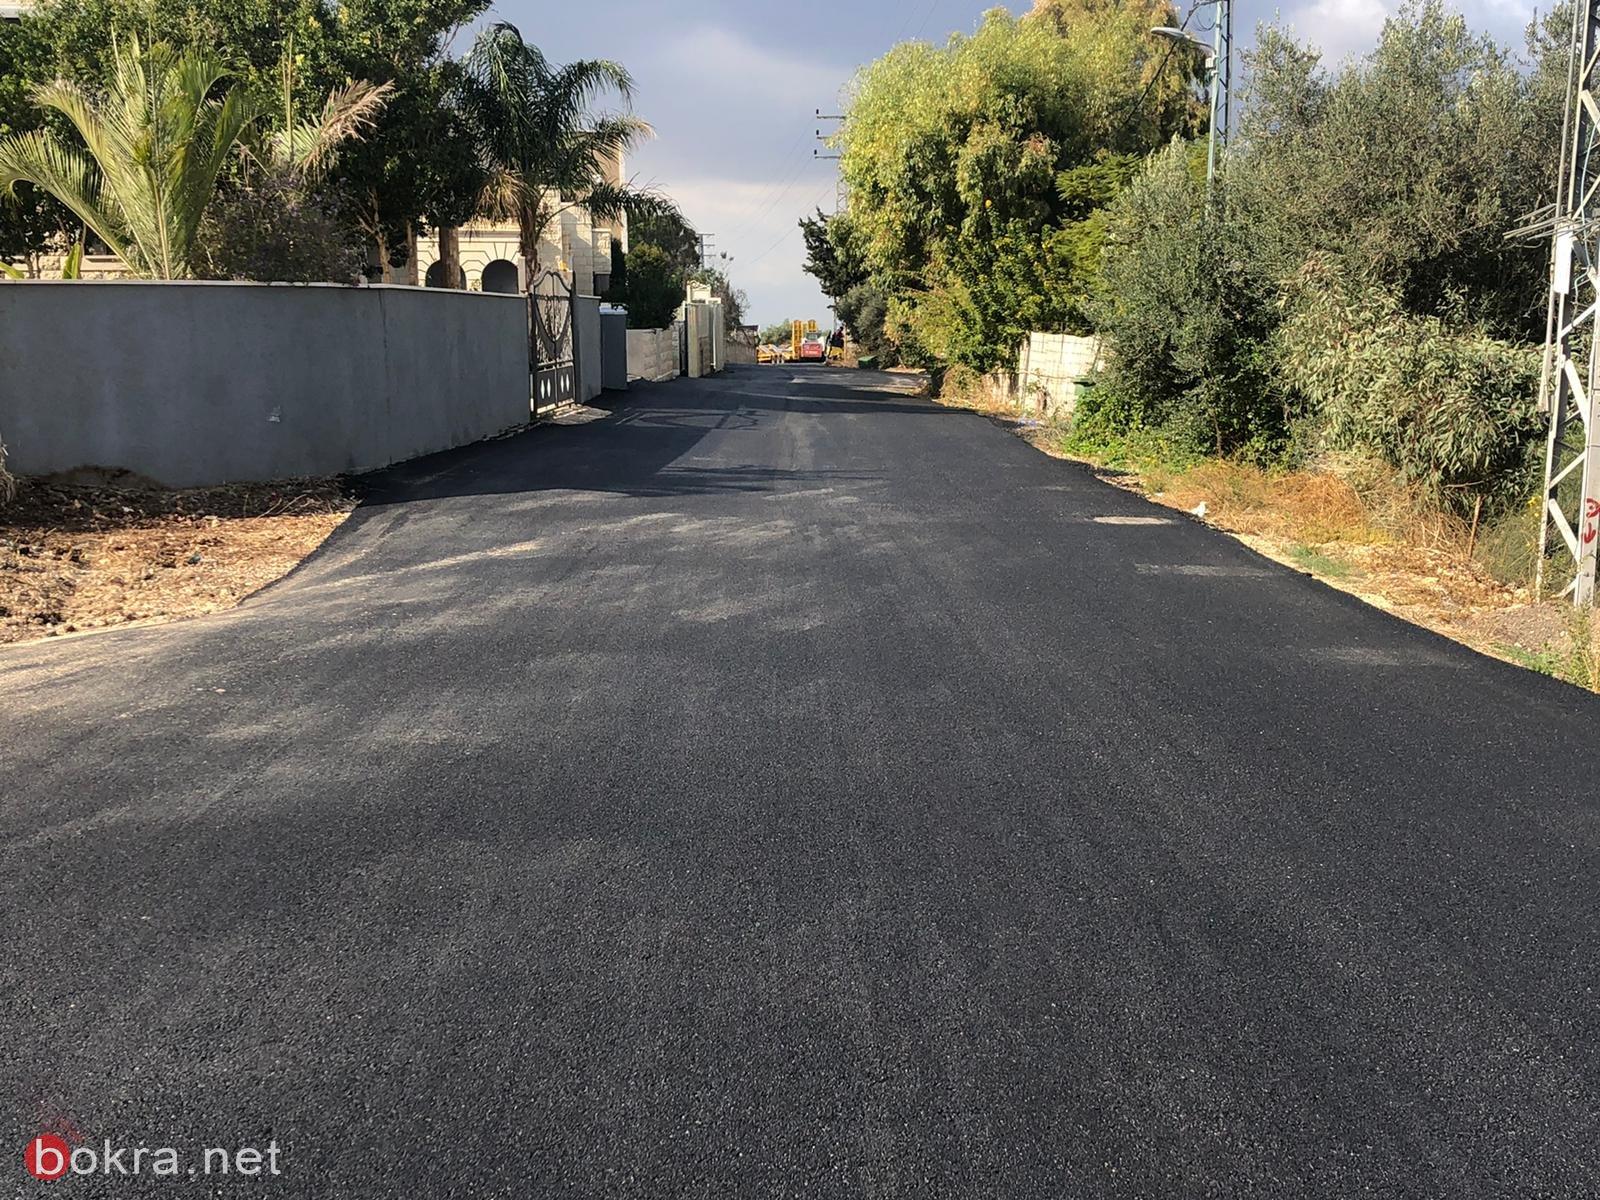 المجلس الأقليمي بستان المرج يقوم بأعمال ترميم وتطوير في قرية الدحي -9